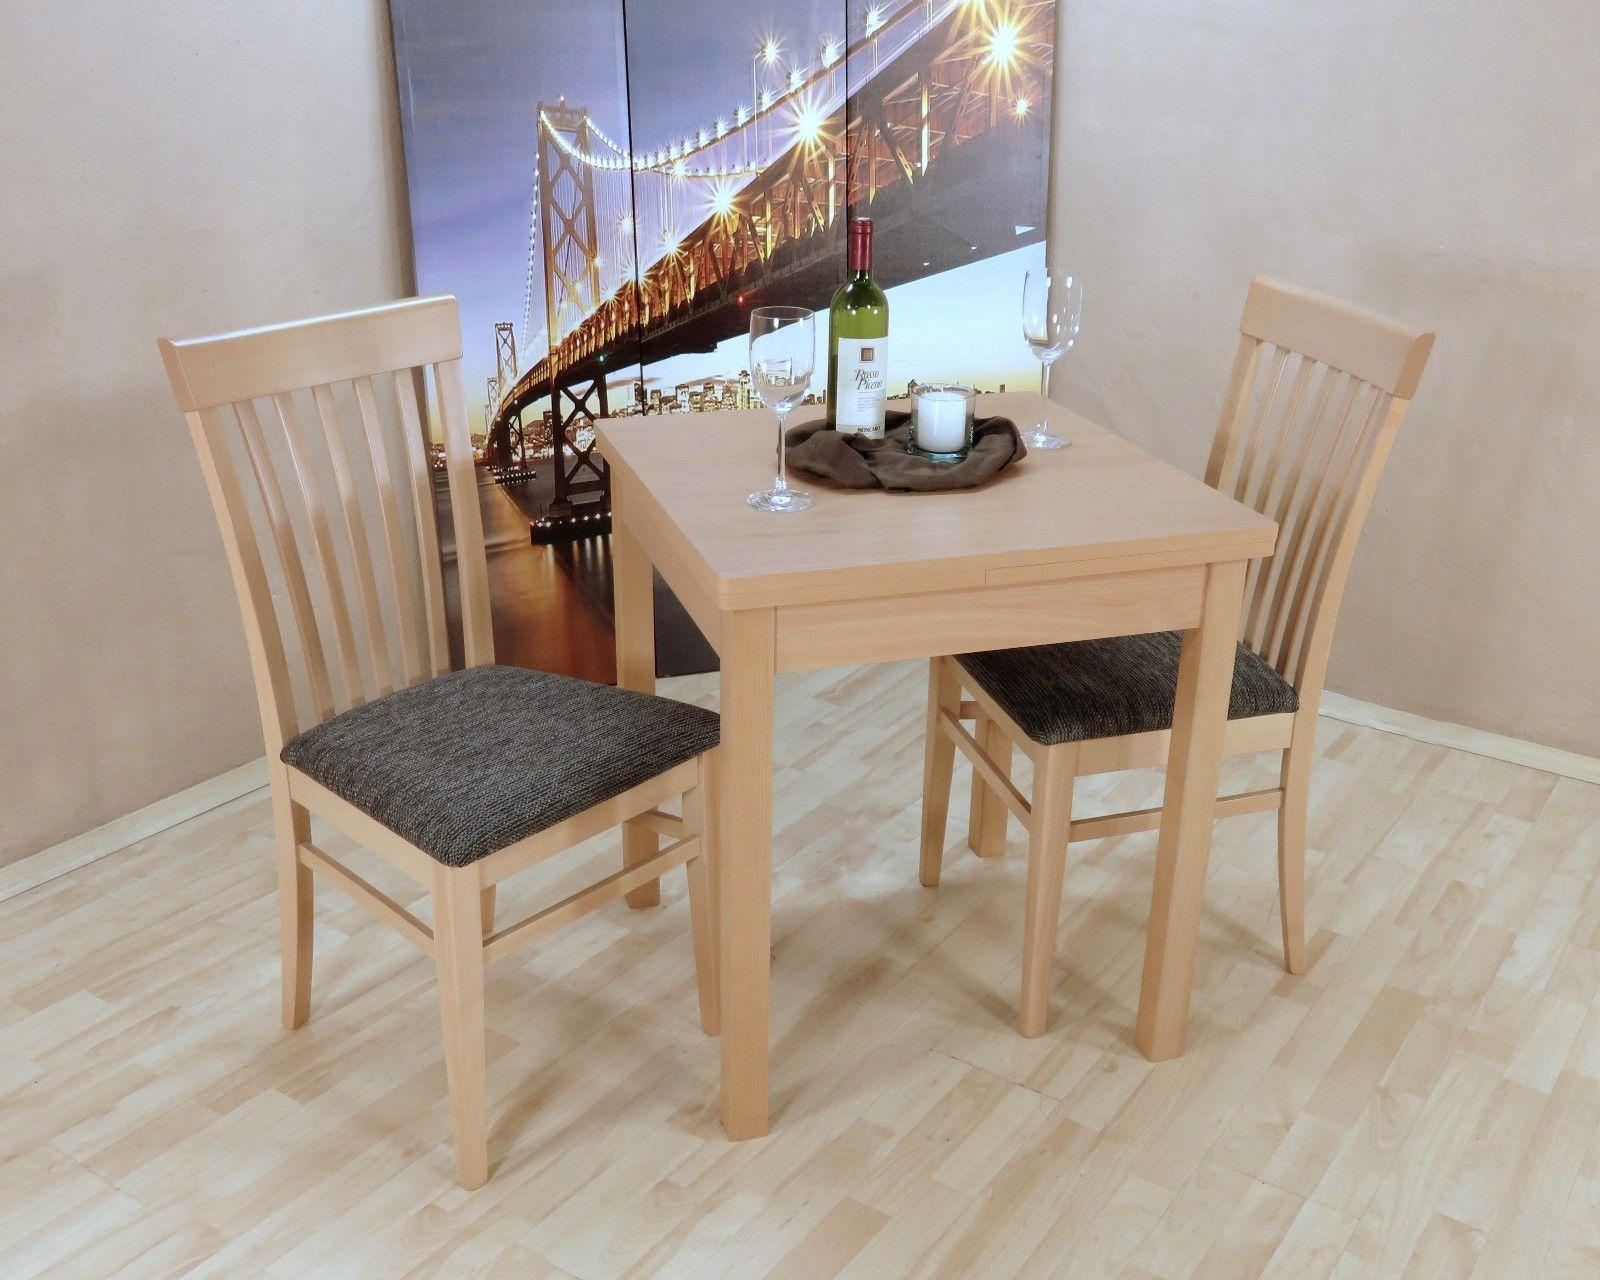 esstisch anthrazit holz essgruppe wei esstisch cm holz. Black Bedroom Furniture Sets. Home Design Ideas